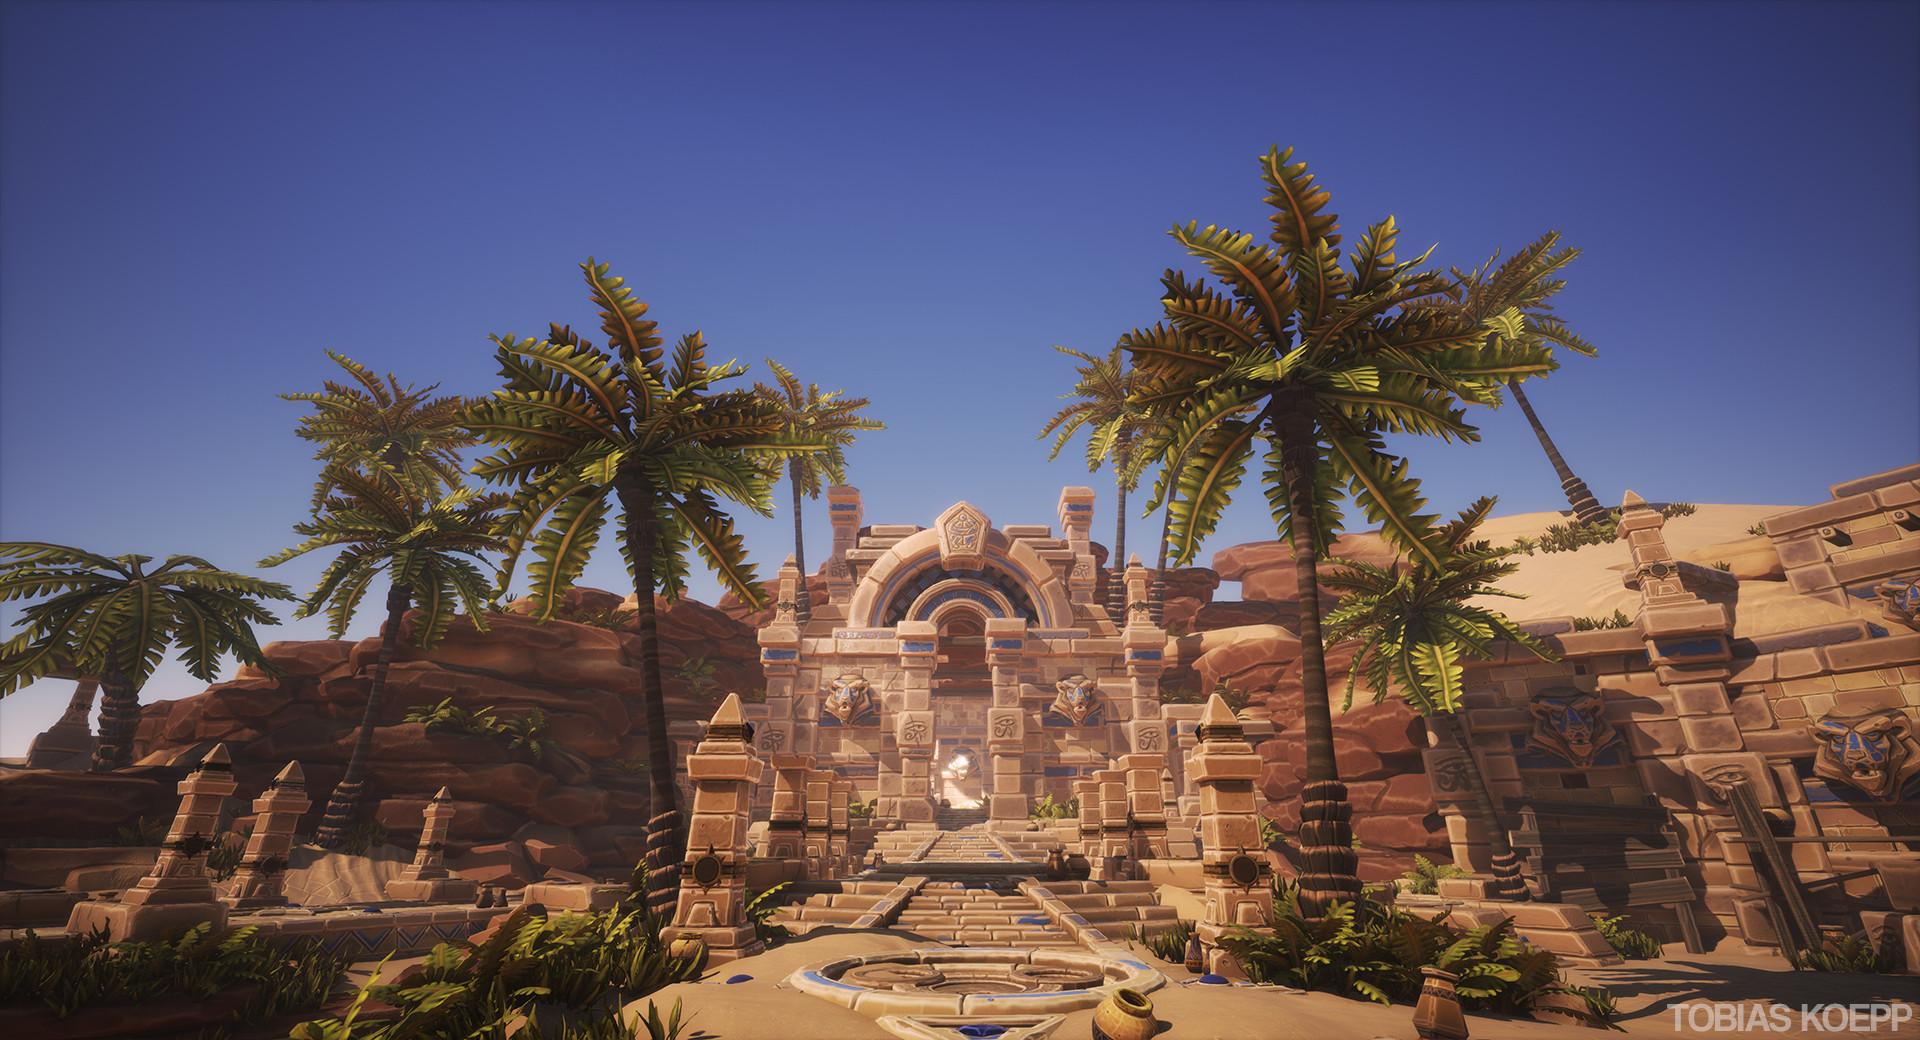 Tobias koepp oasis tobiaskoepp 03